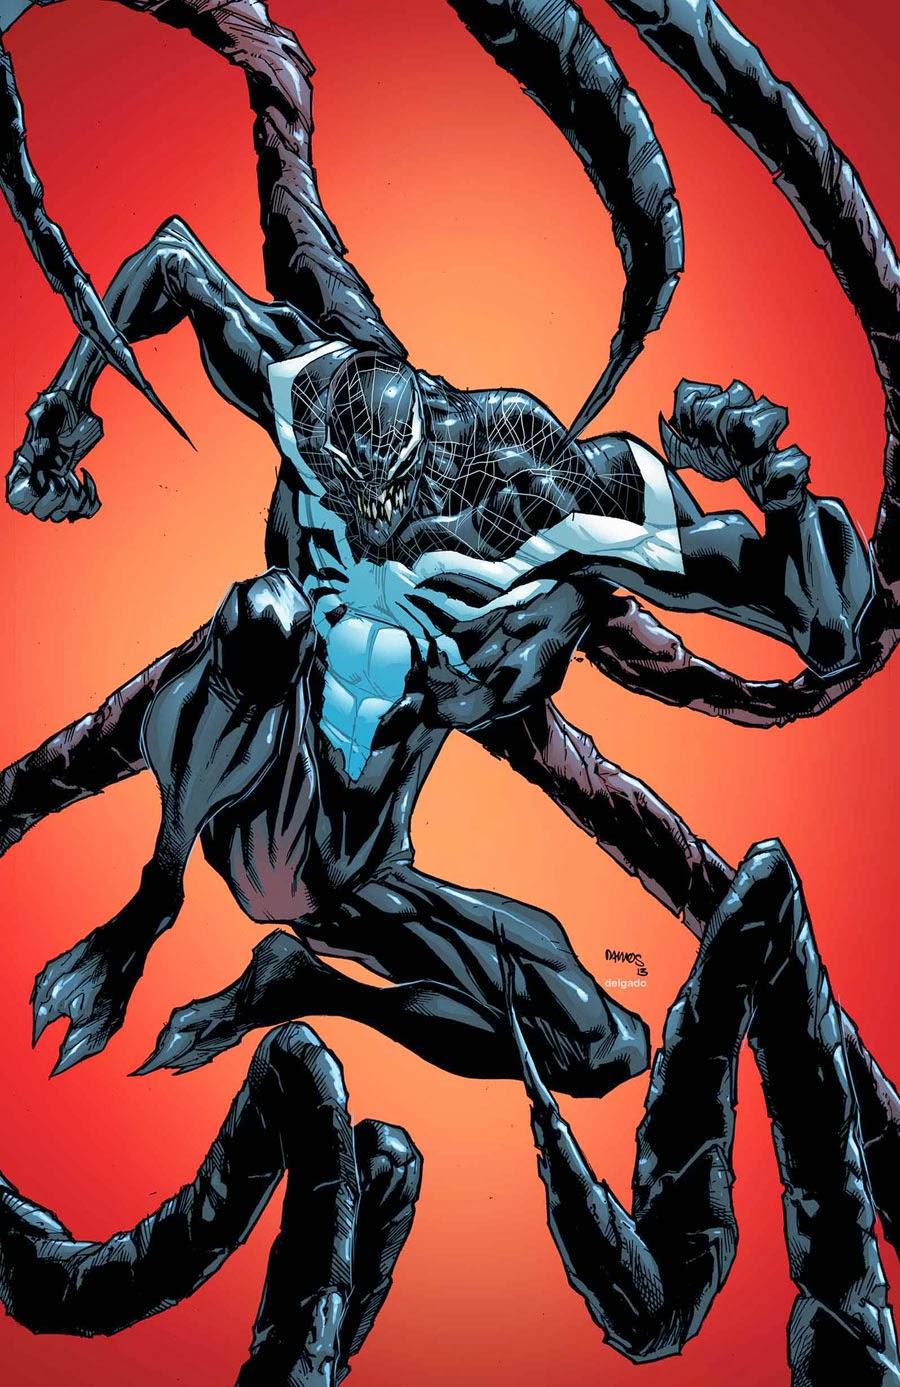 Superior Venom Backgrounds, Compatible - PC, Mobile, Gadgets  900x1387 px